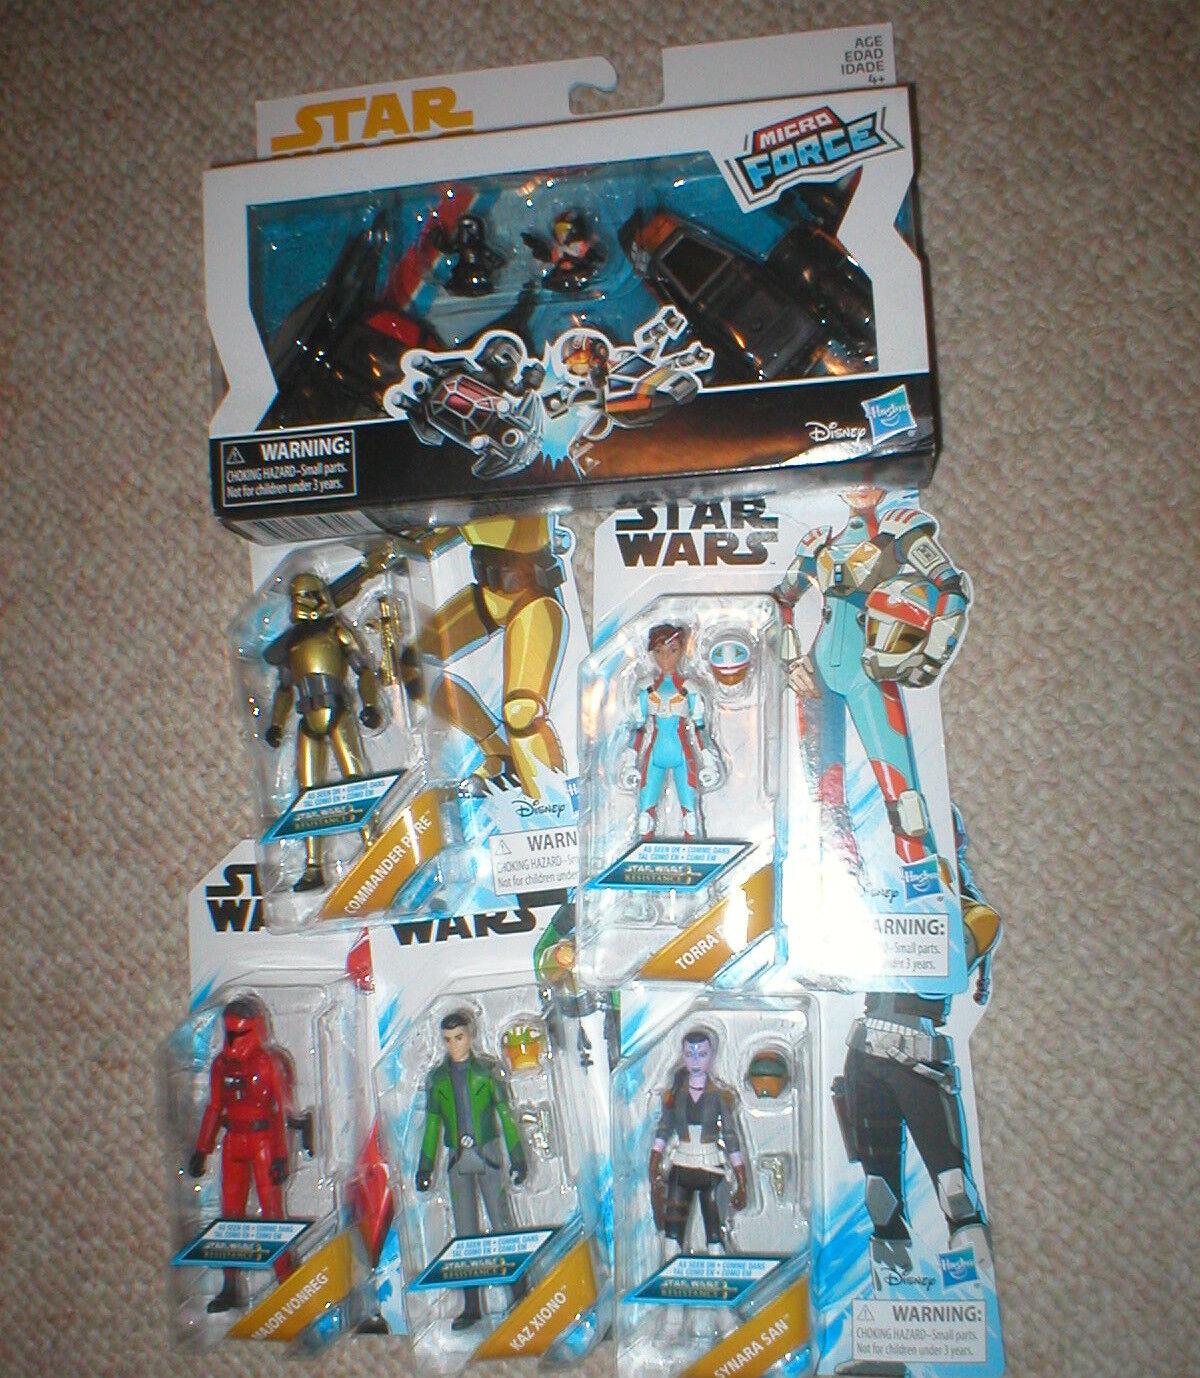 promociones emocionantes Estrella Wars Series animadas animadas animadas Lote de 5 figuras Plus conjunto de fuerza Micro, todos sin abrir  buscando agente de ventas